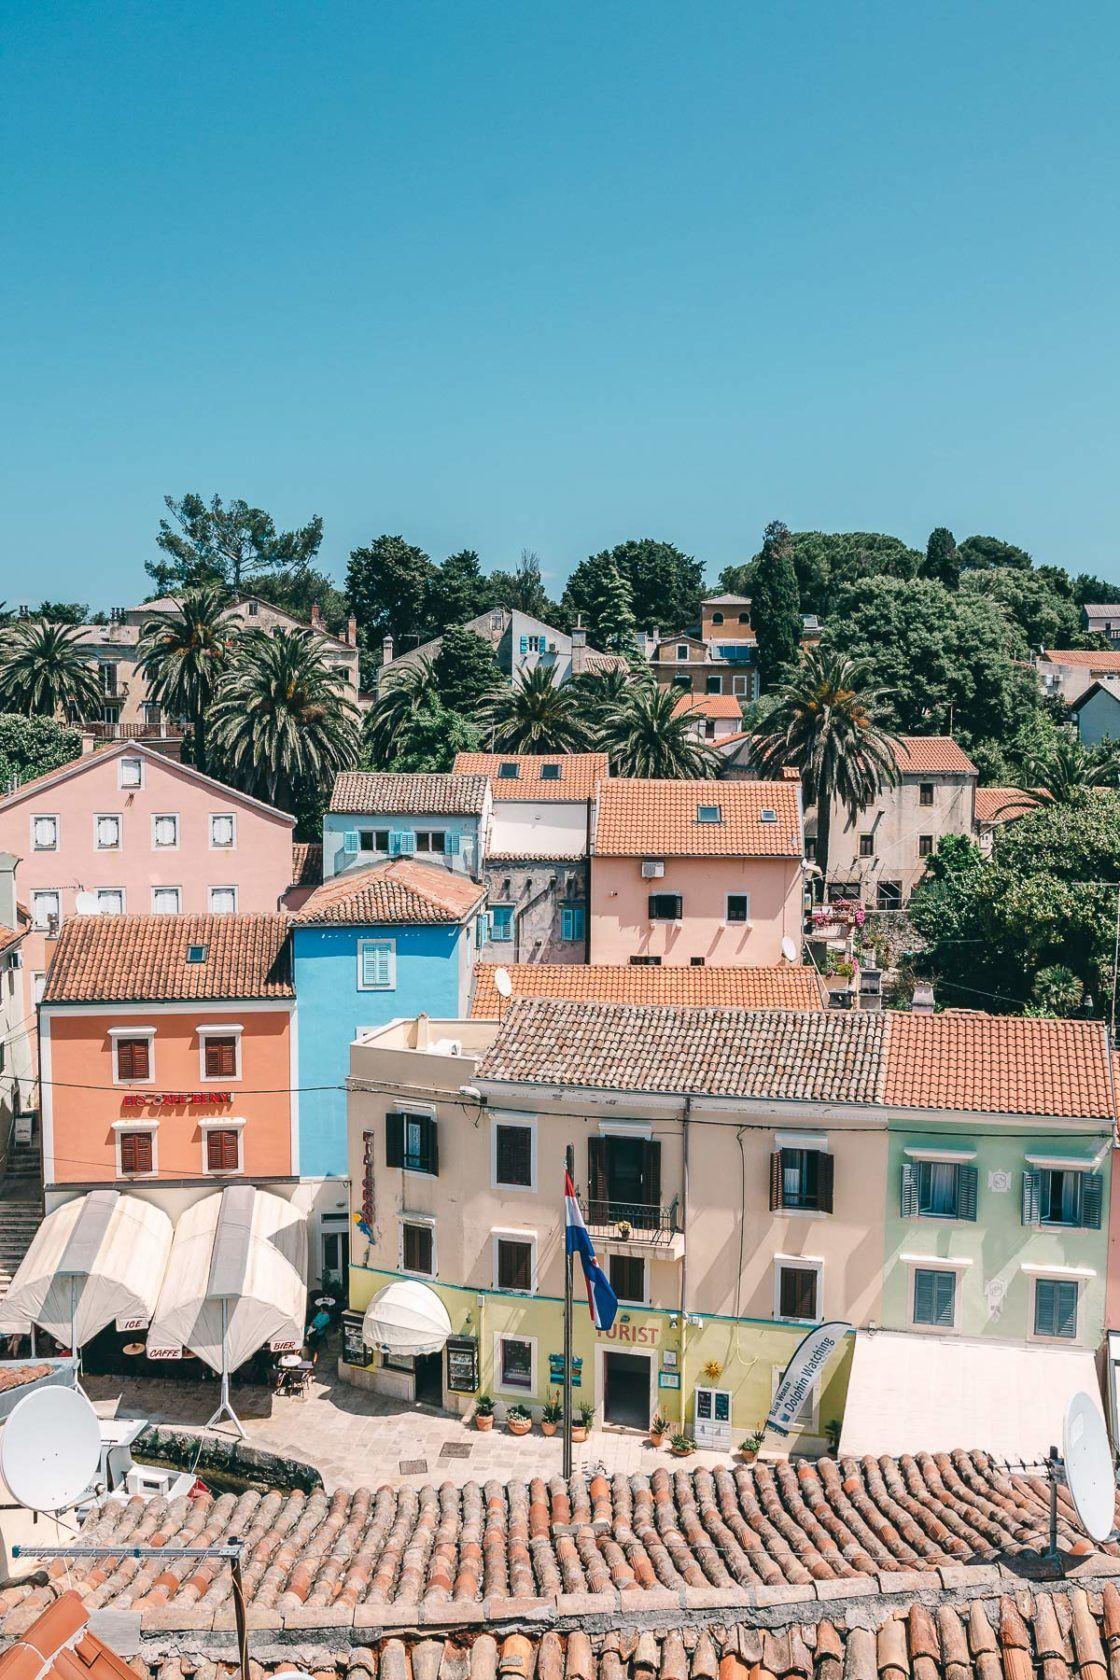 Ein Traumhafter Kroatien Urlaub Auf Der Krauterinsel Losinj Kroatien Urlaub Kroatien Urlaub